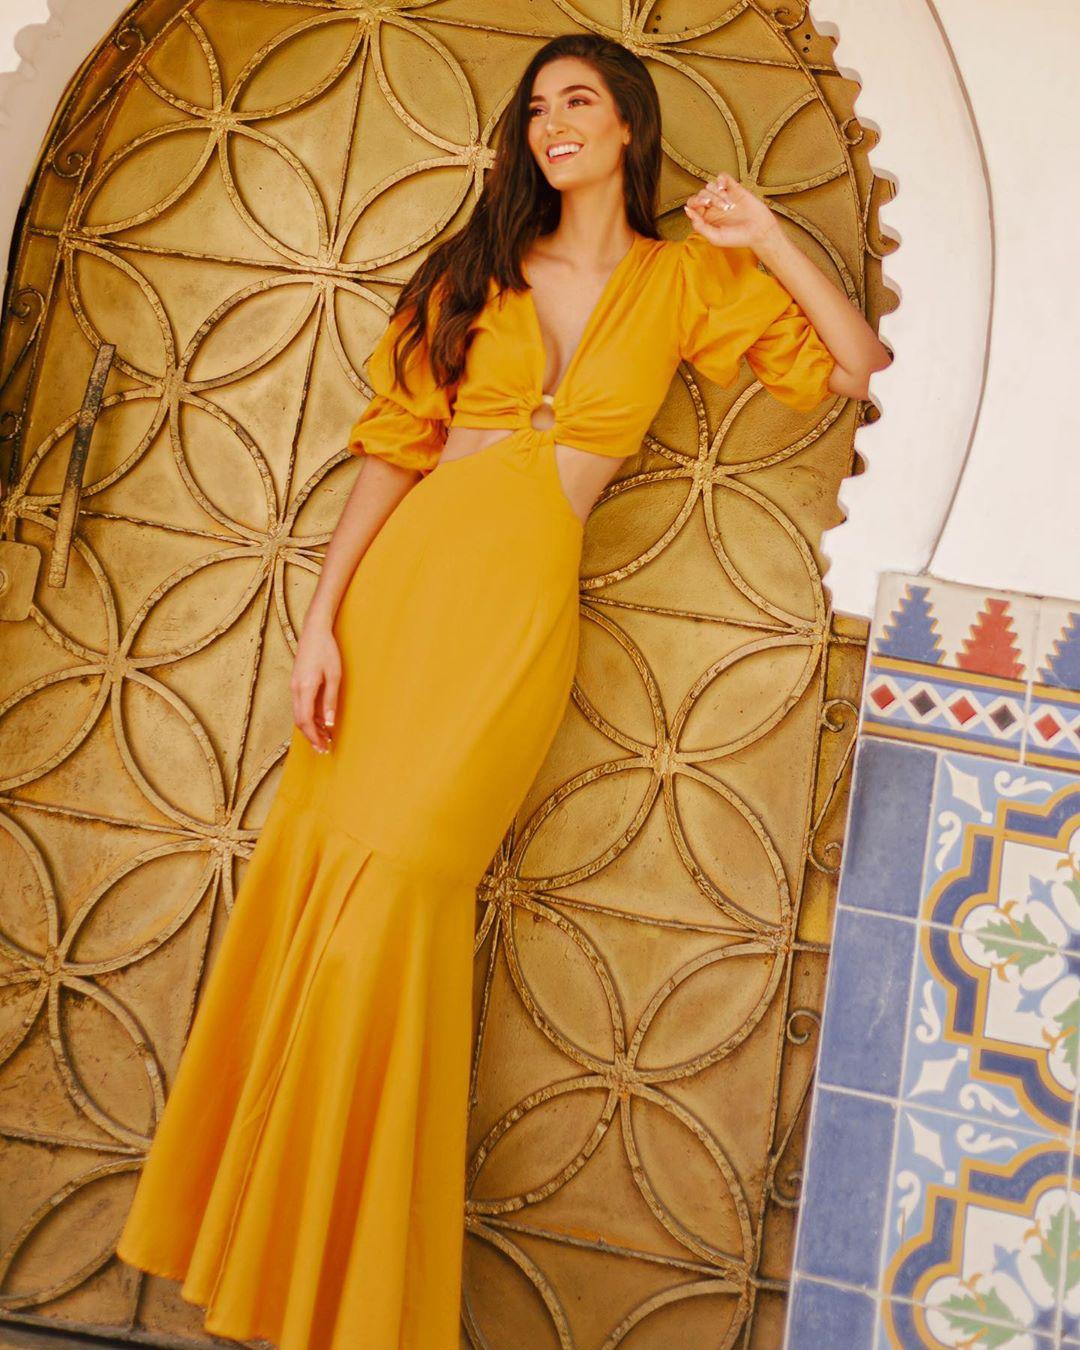 mariana jaramillo, miss charm colombia 2020. 91181910